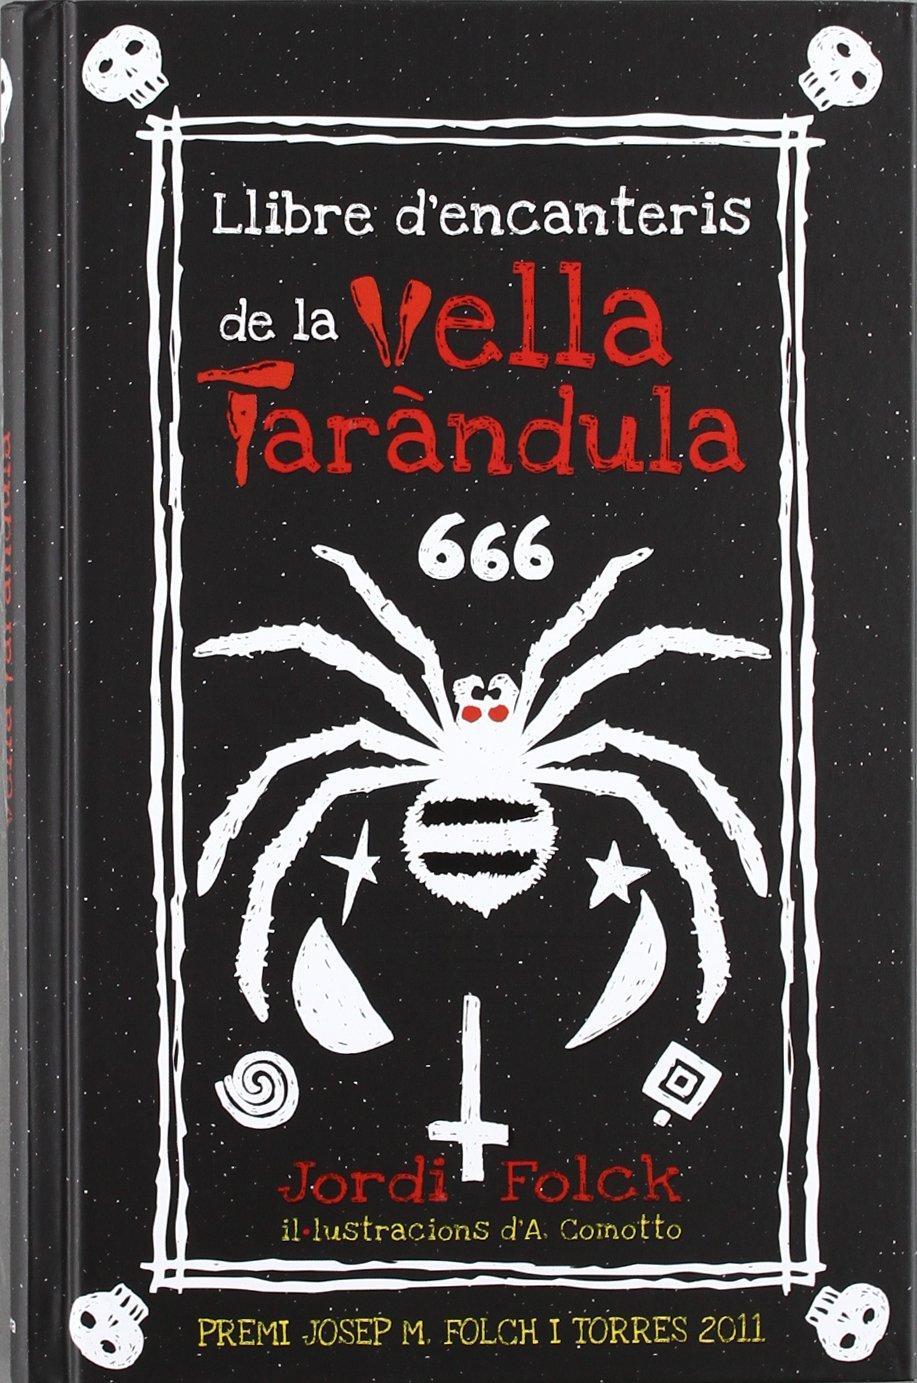 Resultat d'imatges de Llibre d'encanteris de la vella Taràndula de Jordi Folck